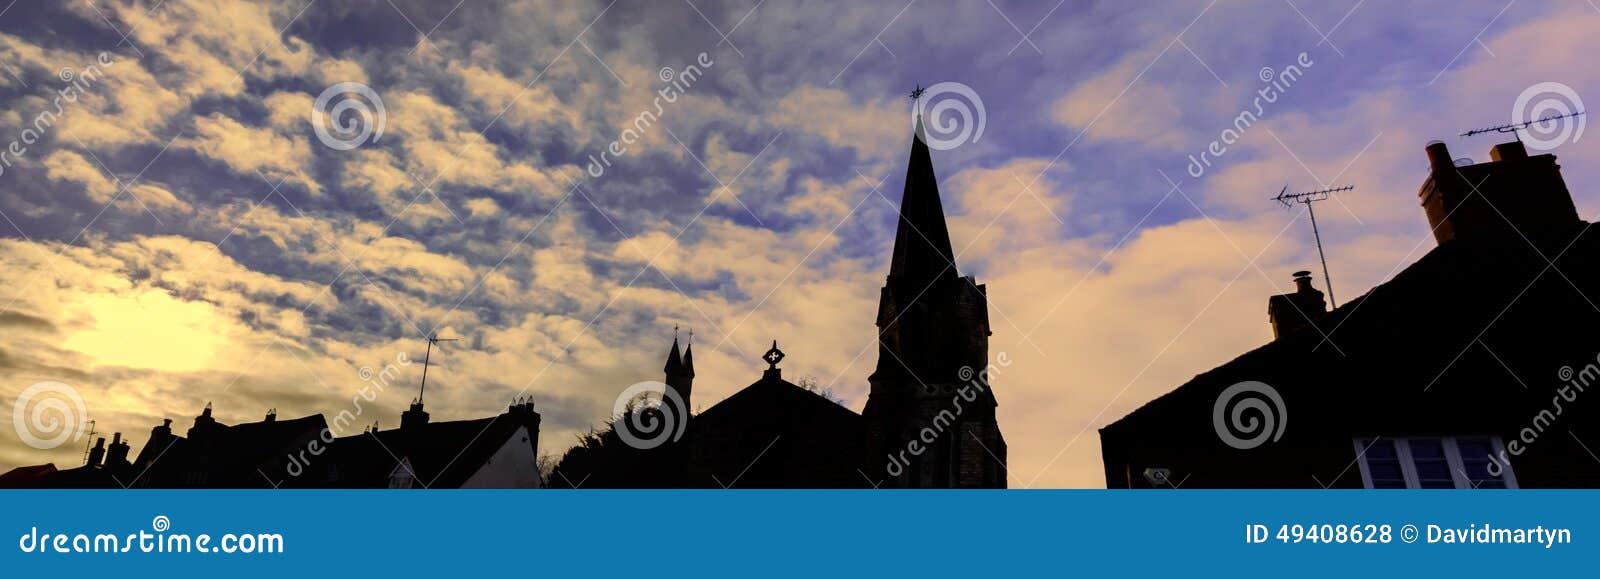 Download Dorf stockfoto. Bild von eigenschaften, land, straße - 49408628